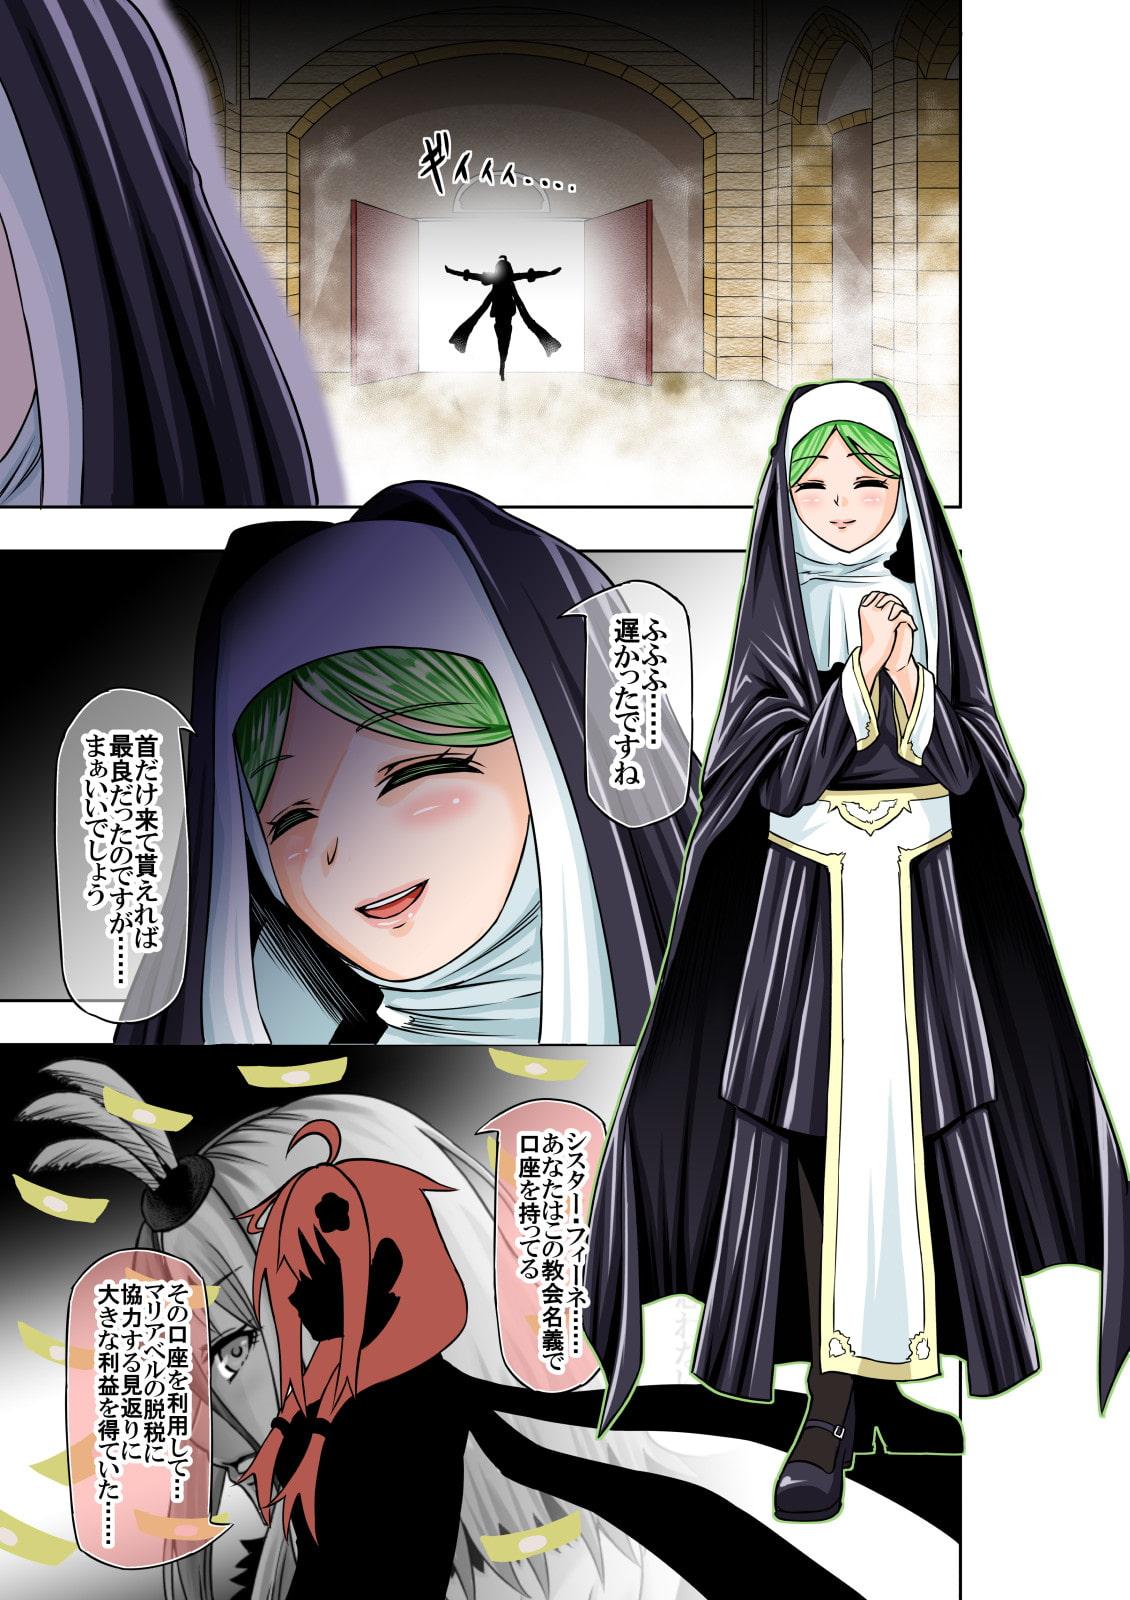 BOUNTY HUNTER GIRL vs RAGING SISTER(第6話)のサンプル画像